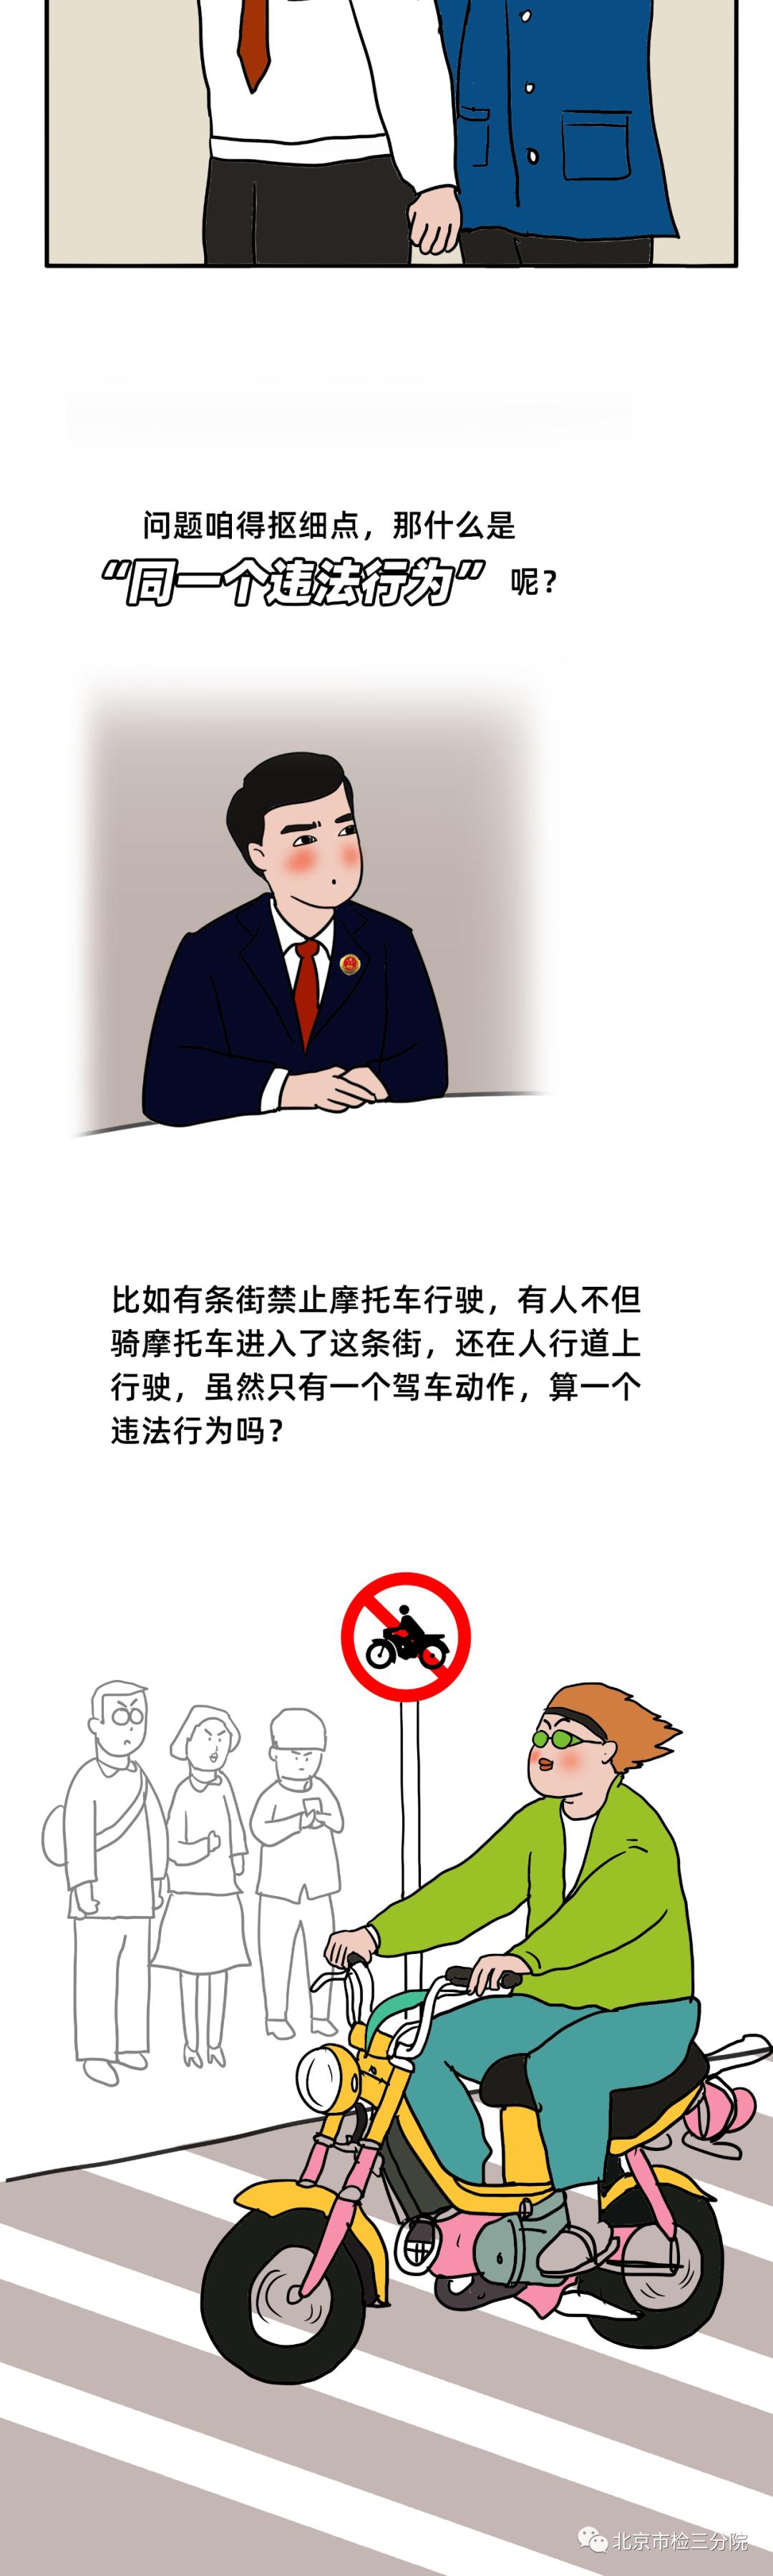 一图读懂!新行政处罚法之首违不罚、一事不再罚